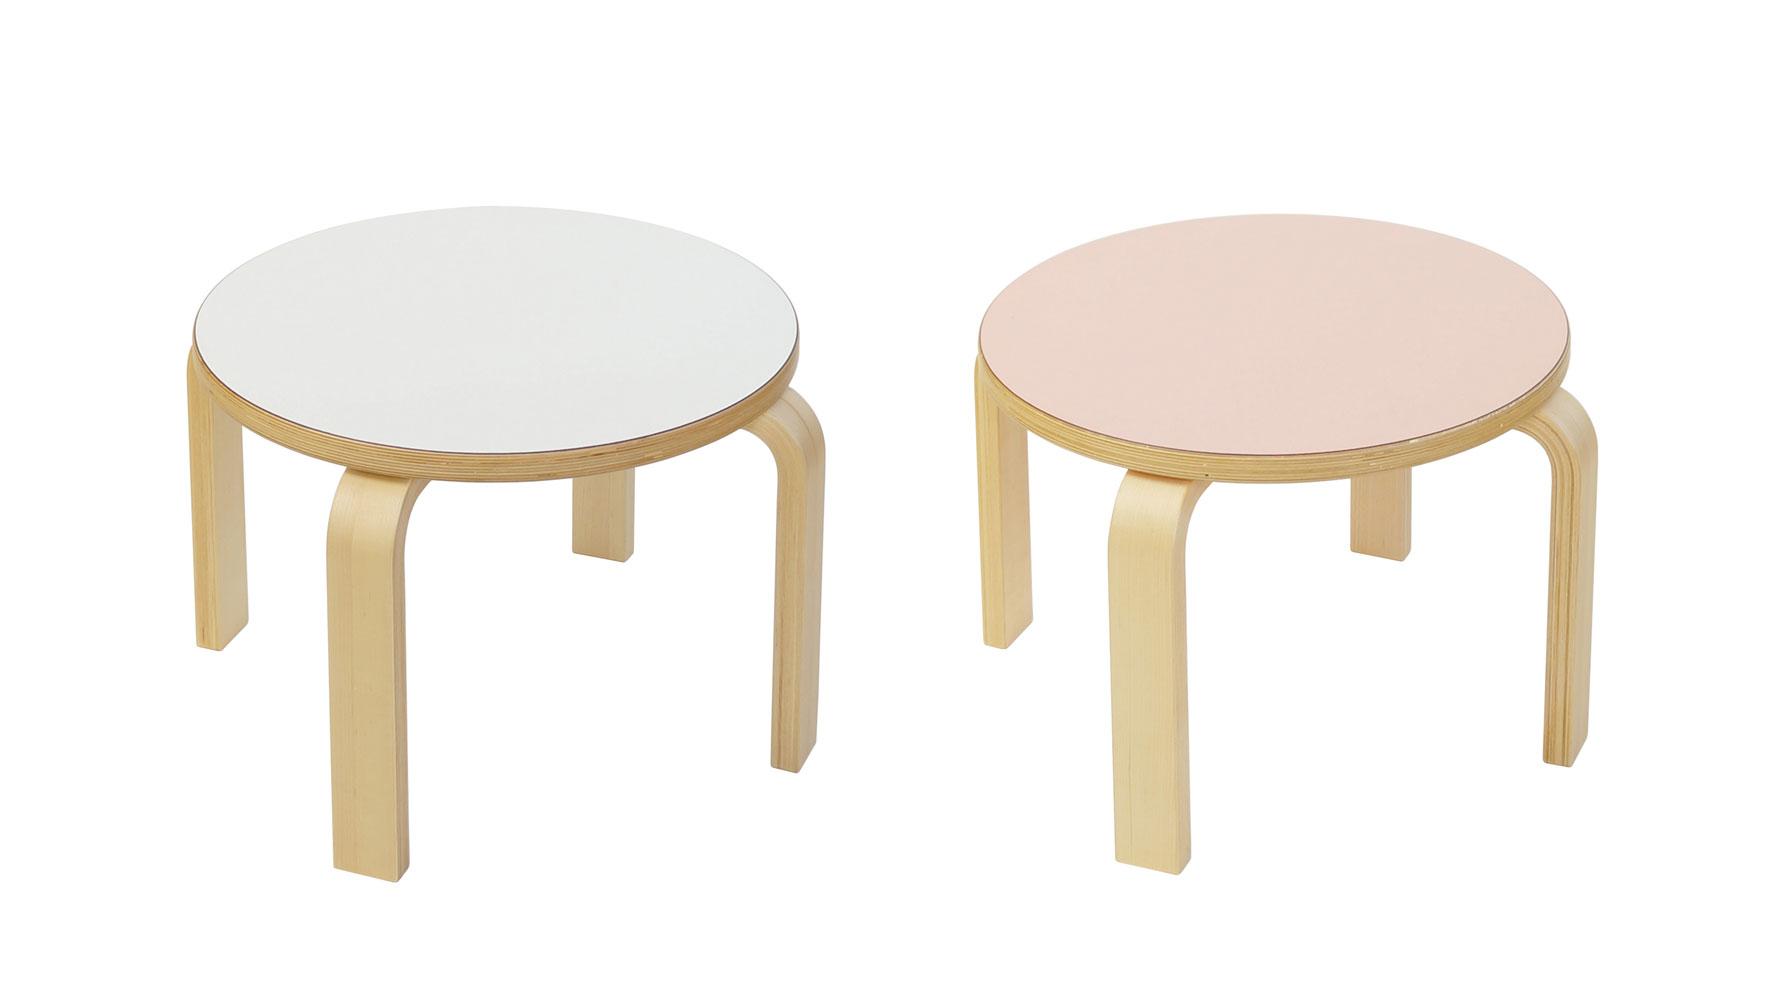 この商品に似ているアイテム画像(CAROTA-table maru|株式会社Sdi)